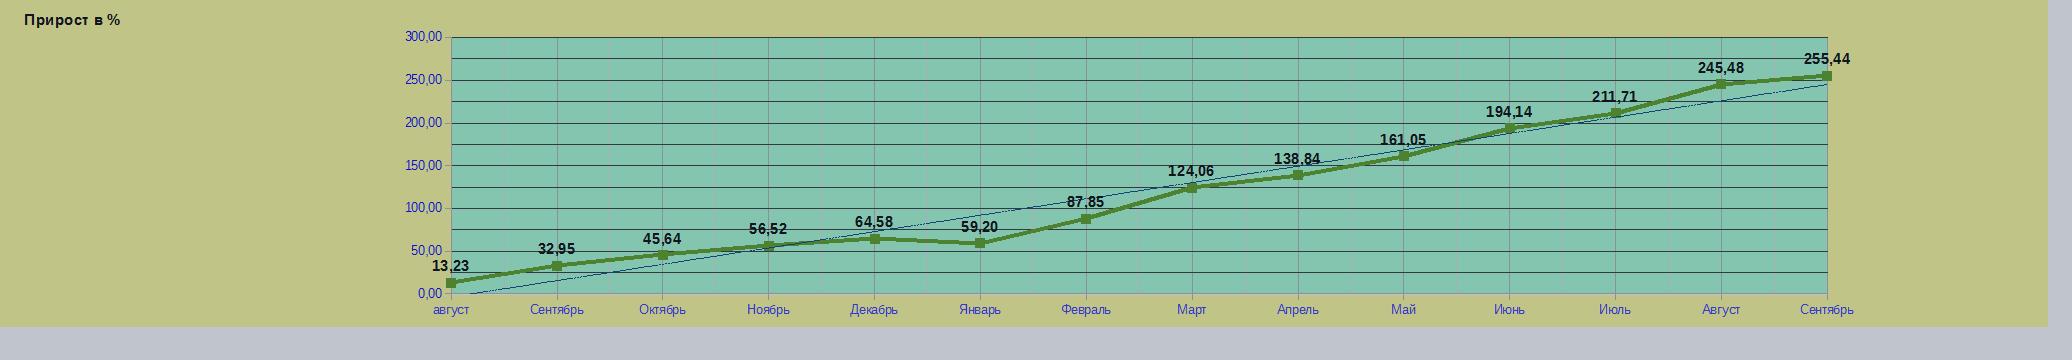 Промежуточный итог моей торговли на рынке форекс за сентябрь с просадкой 3,85%. Прогноз по паре gpb/usd.